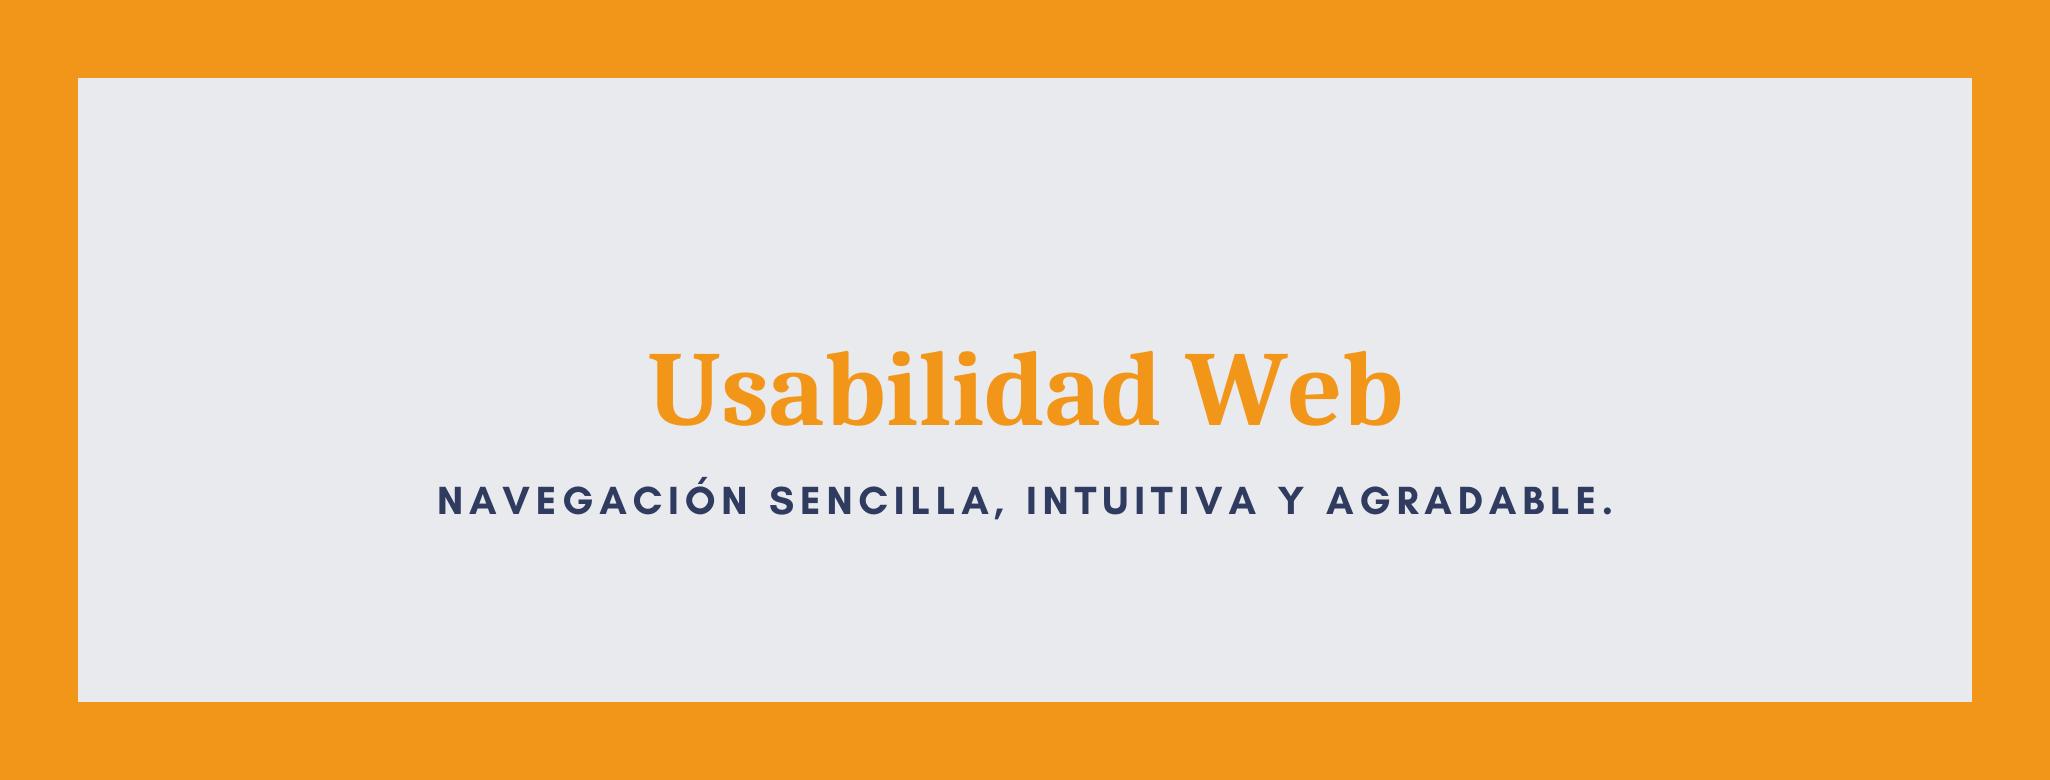 Infografía usabilidad web.